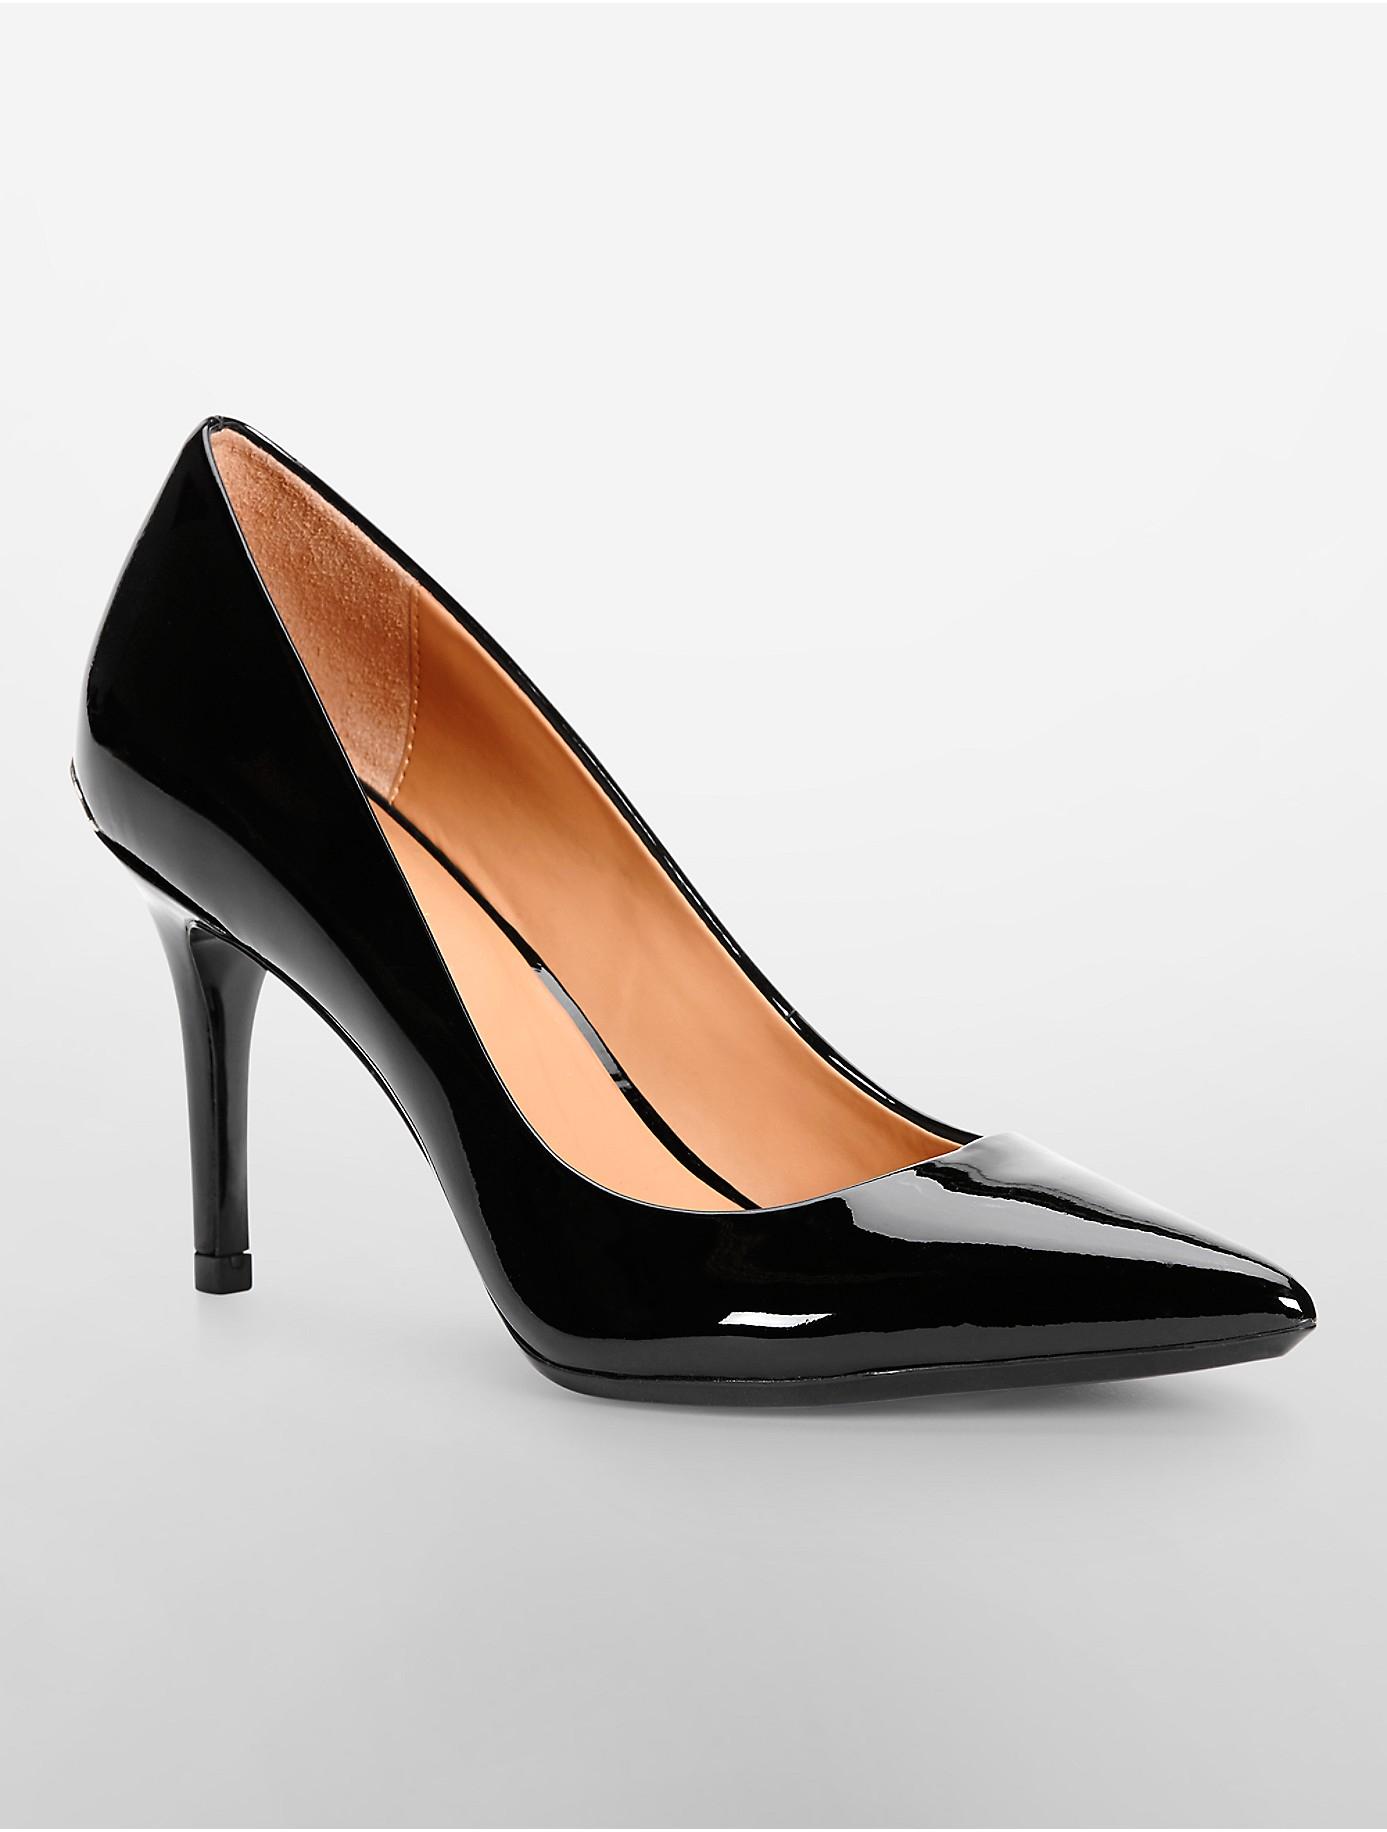 Calvin Klein Black Patent Shoes